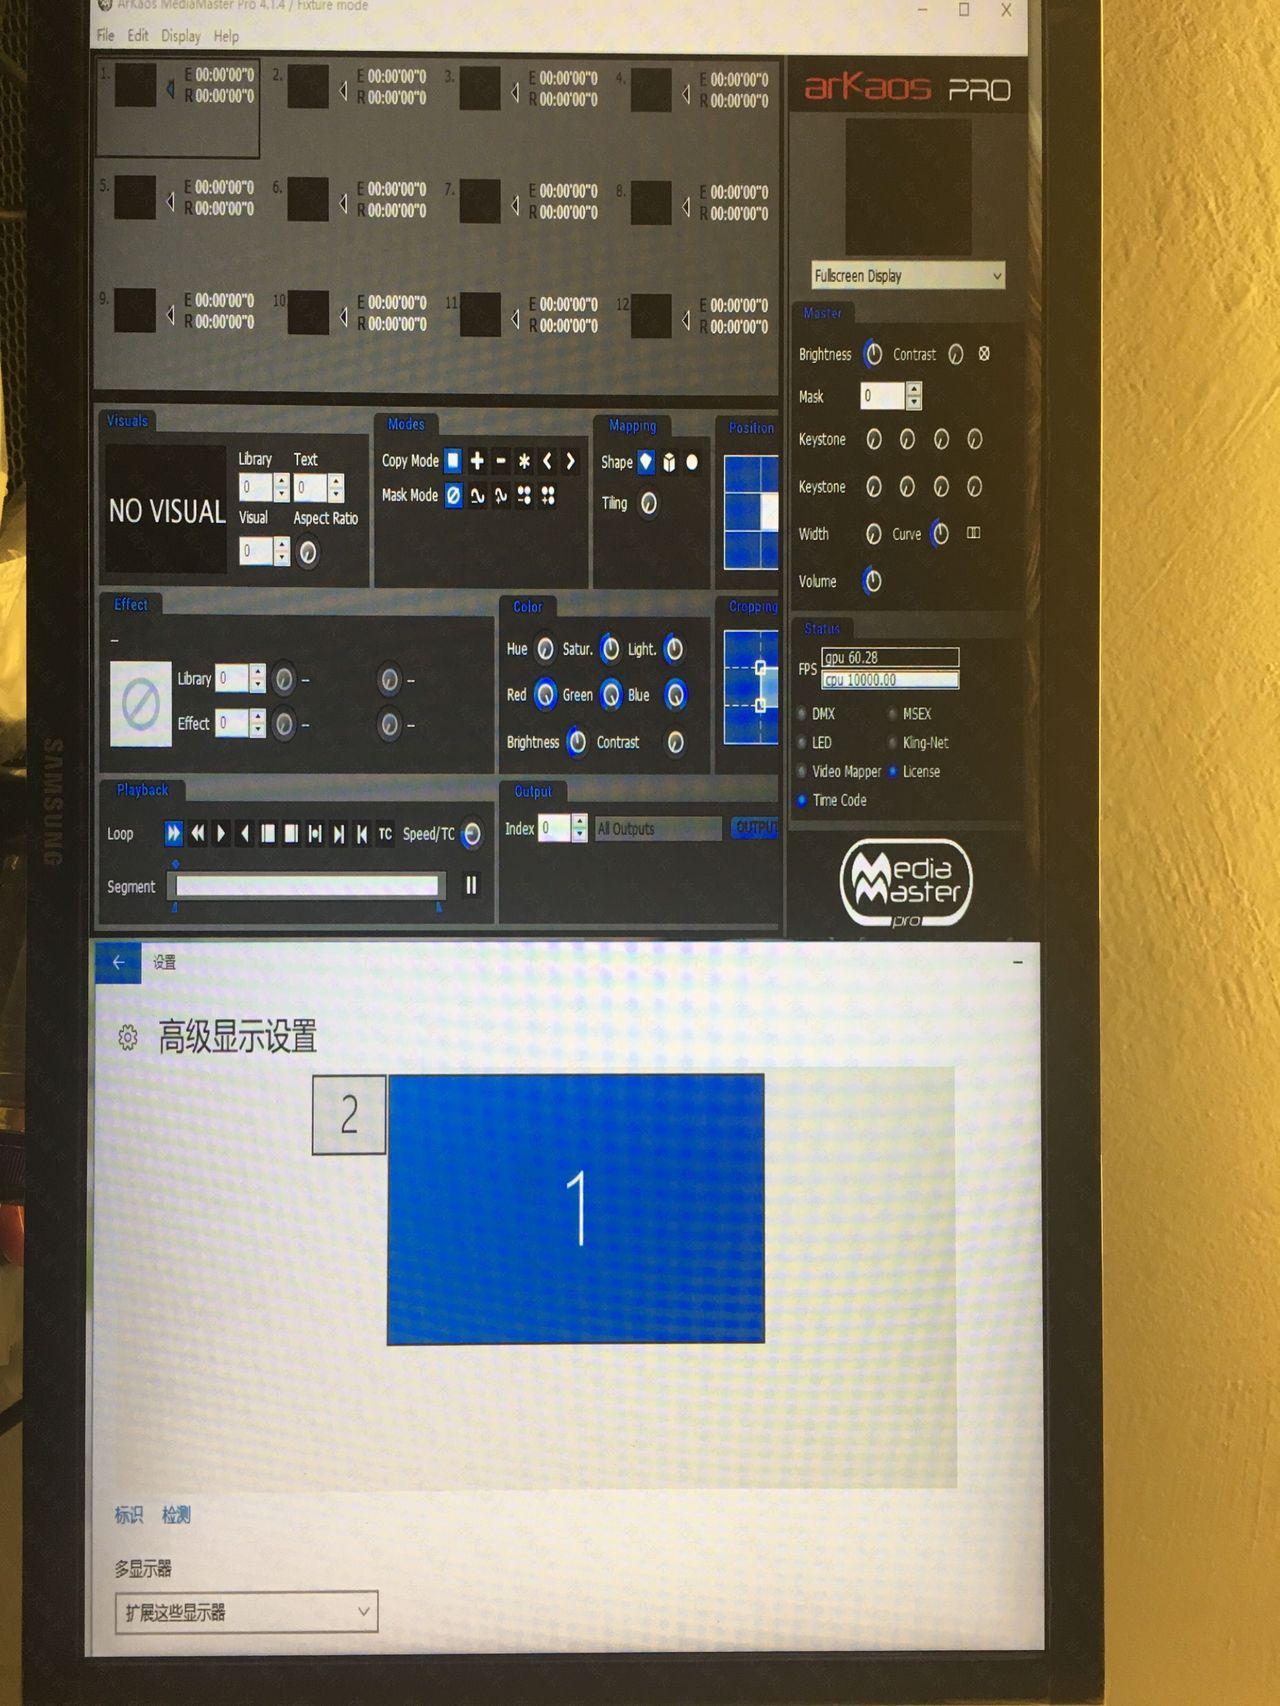 比利时VJ控台arkaos软件mediamaster中文设置显卡配置说明